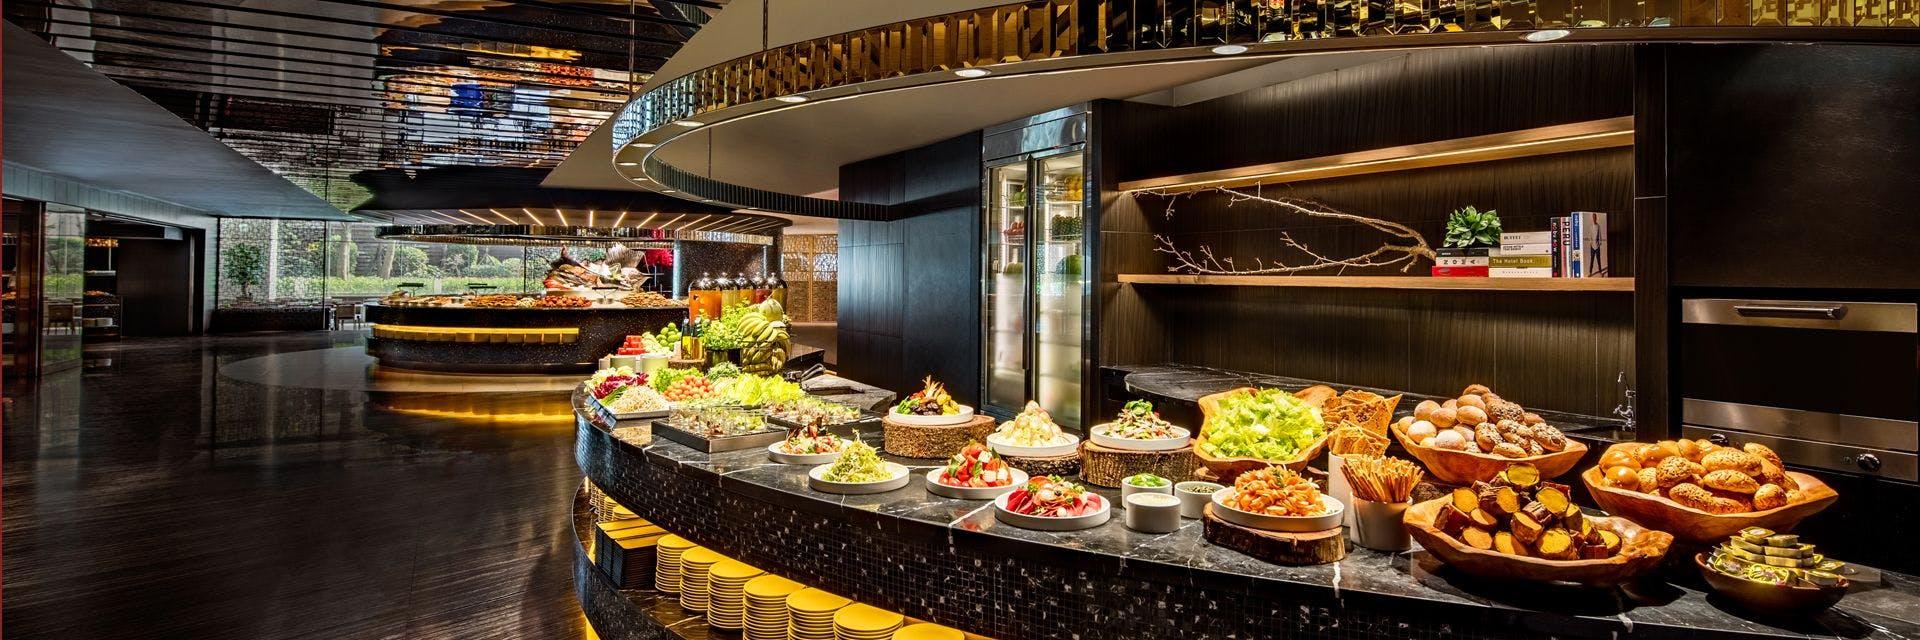 栢麗廳的自助吧料理,品質和種類同等講究。